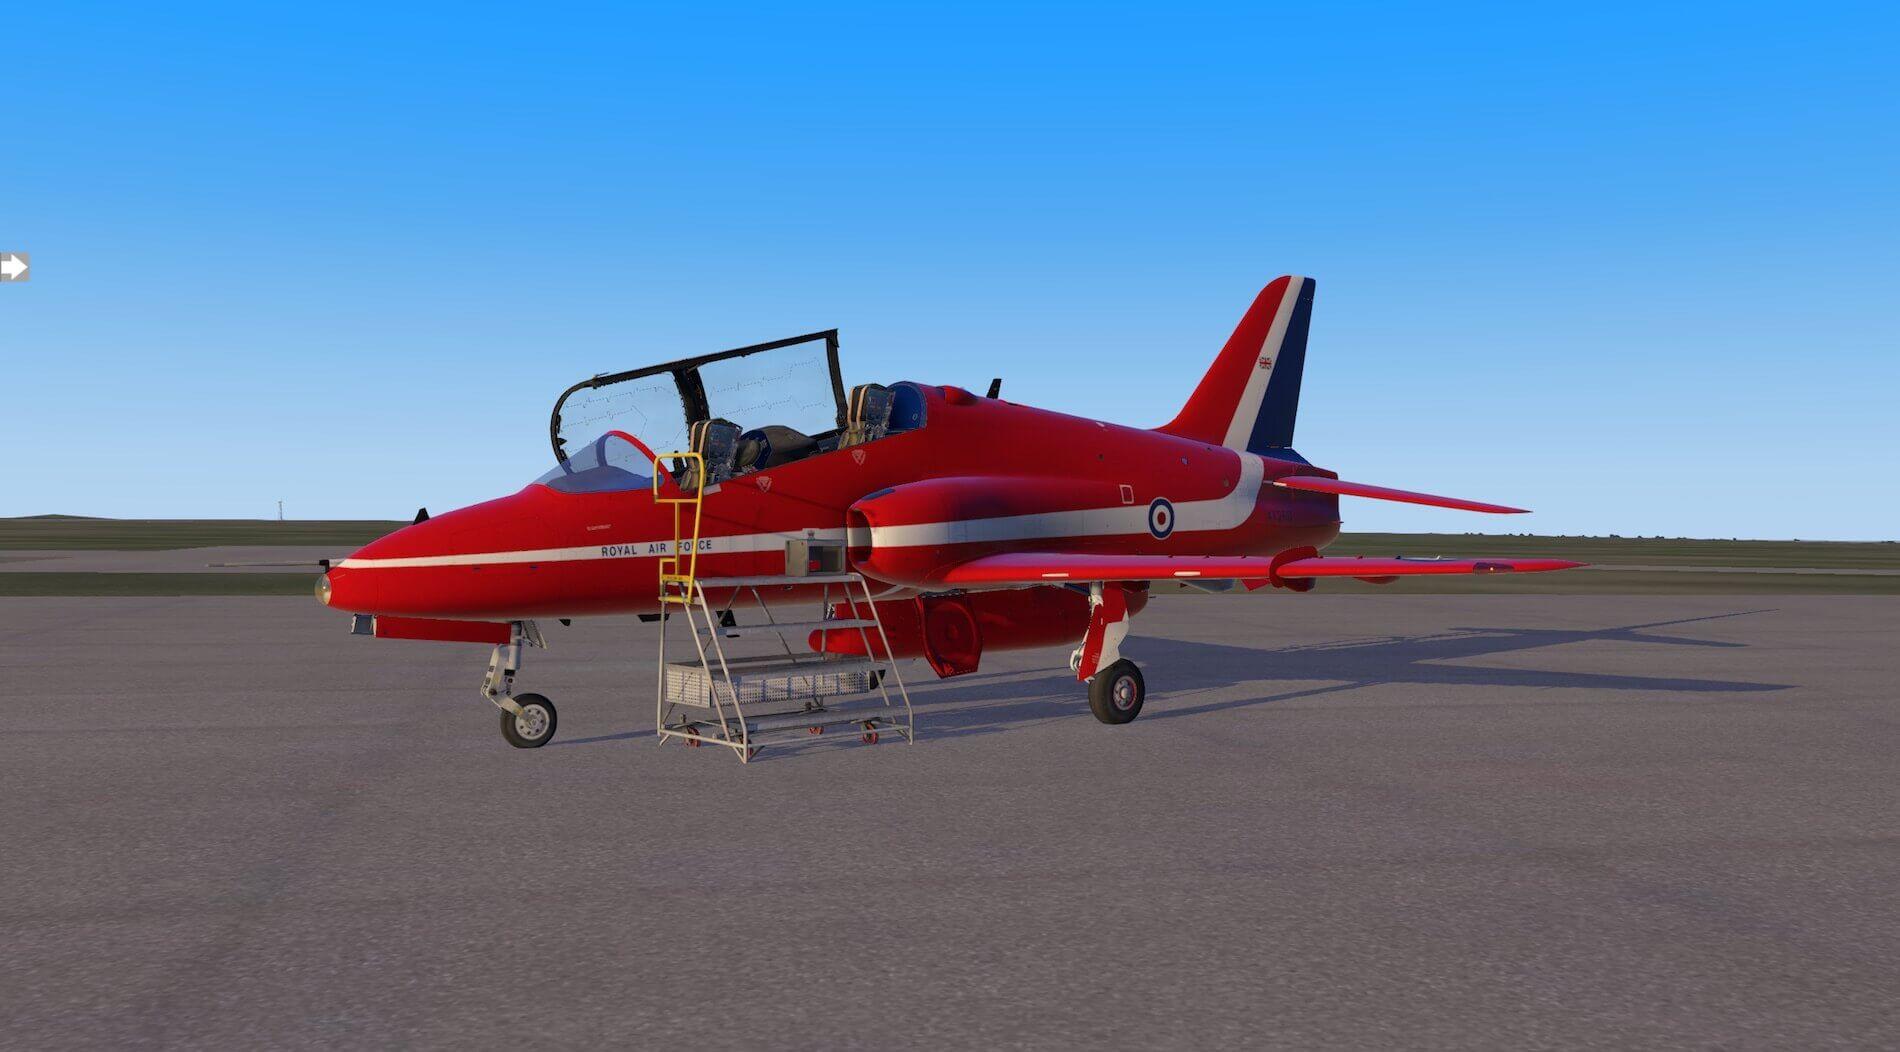 Oo Machloop Raf Xplane11 So - BerkshireRegion